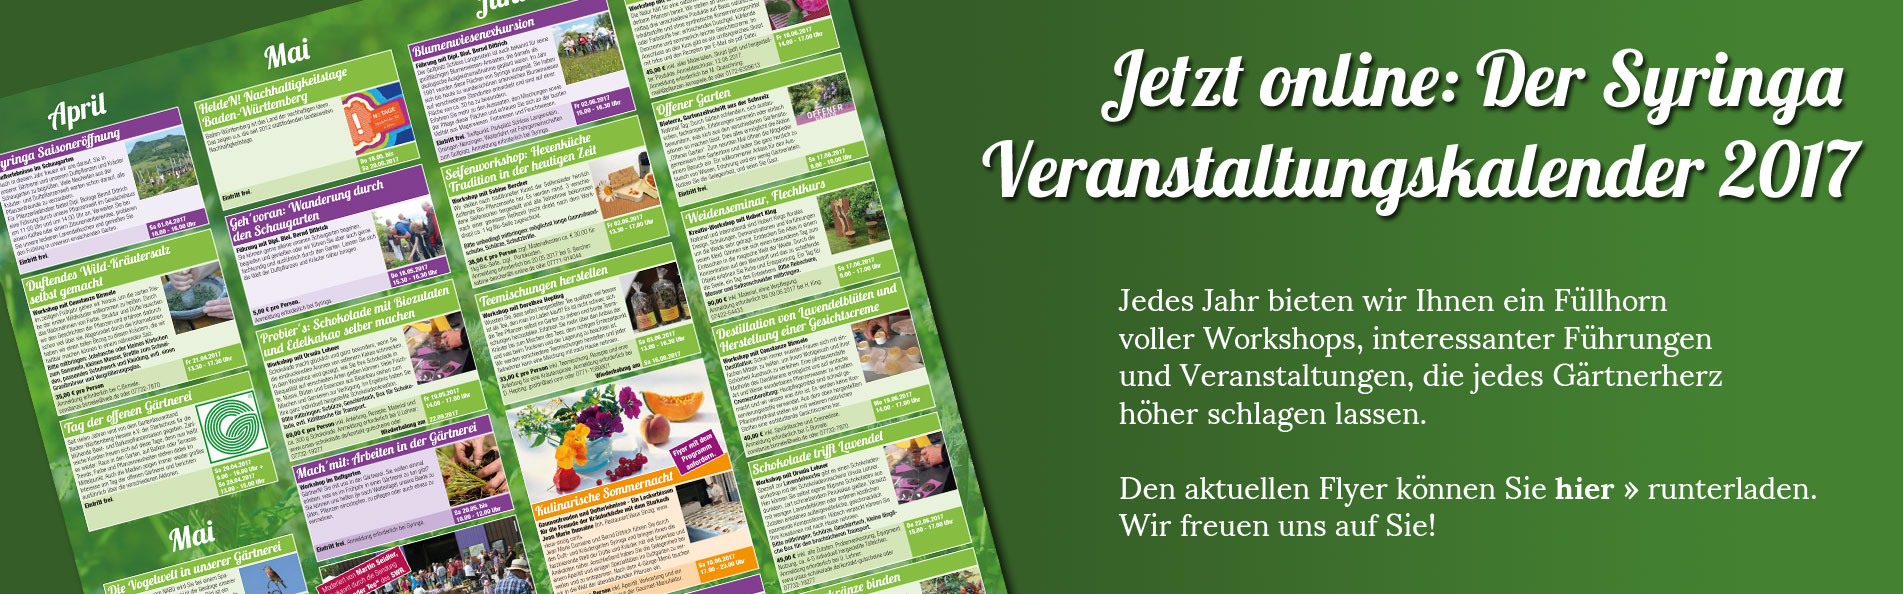 slider_veranstaltungen_1